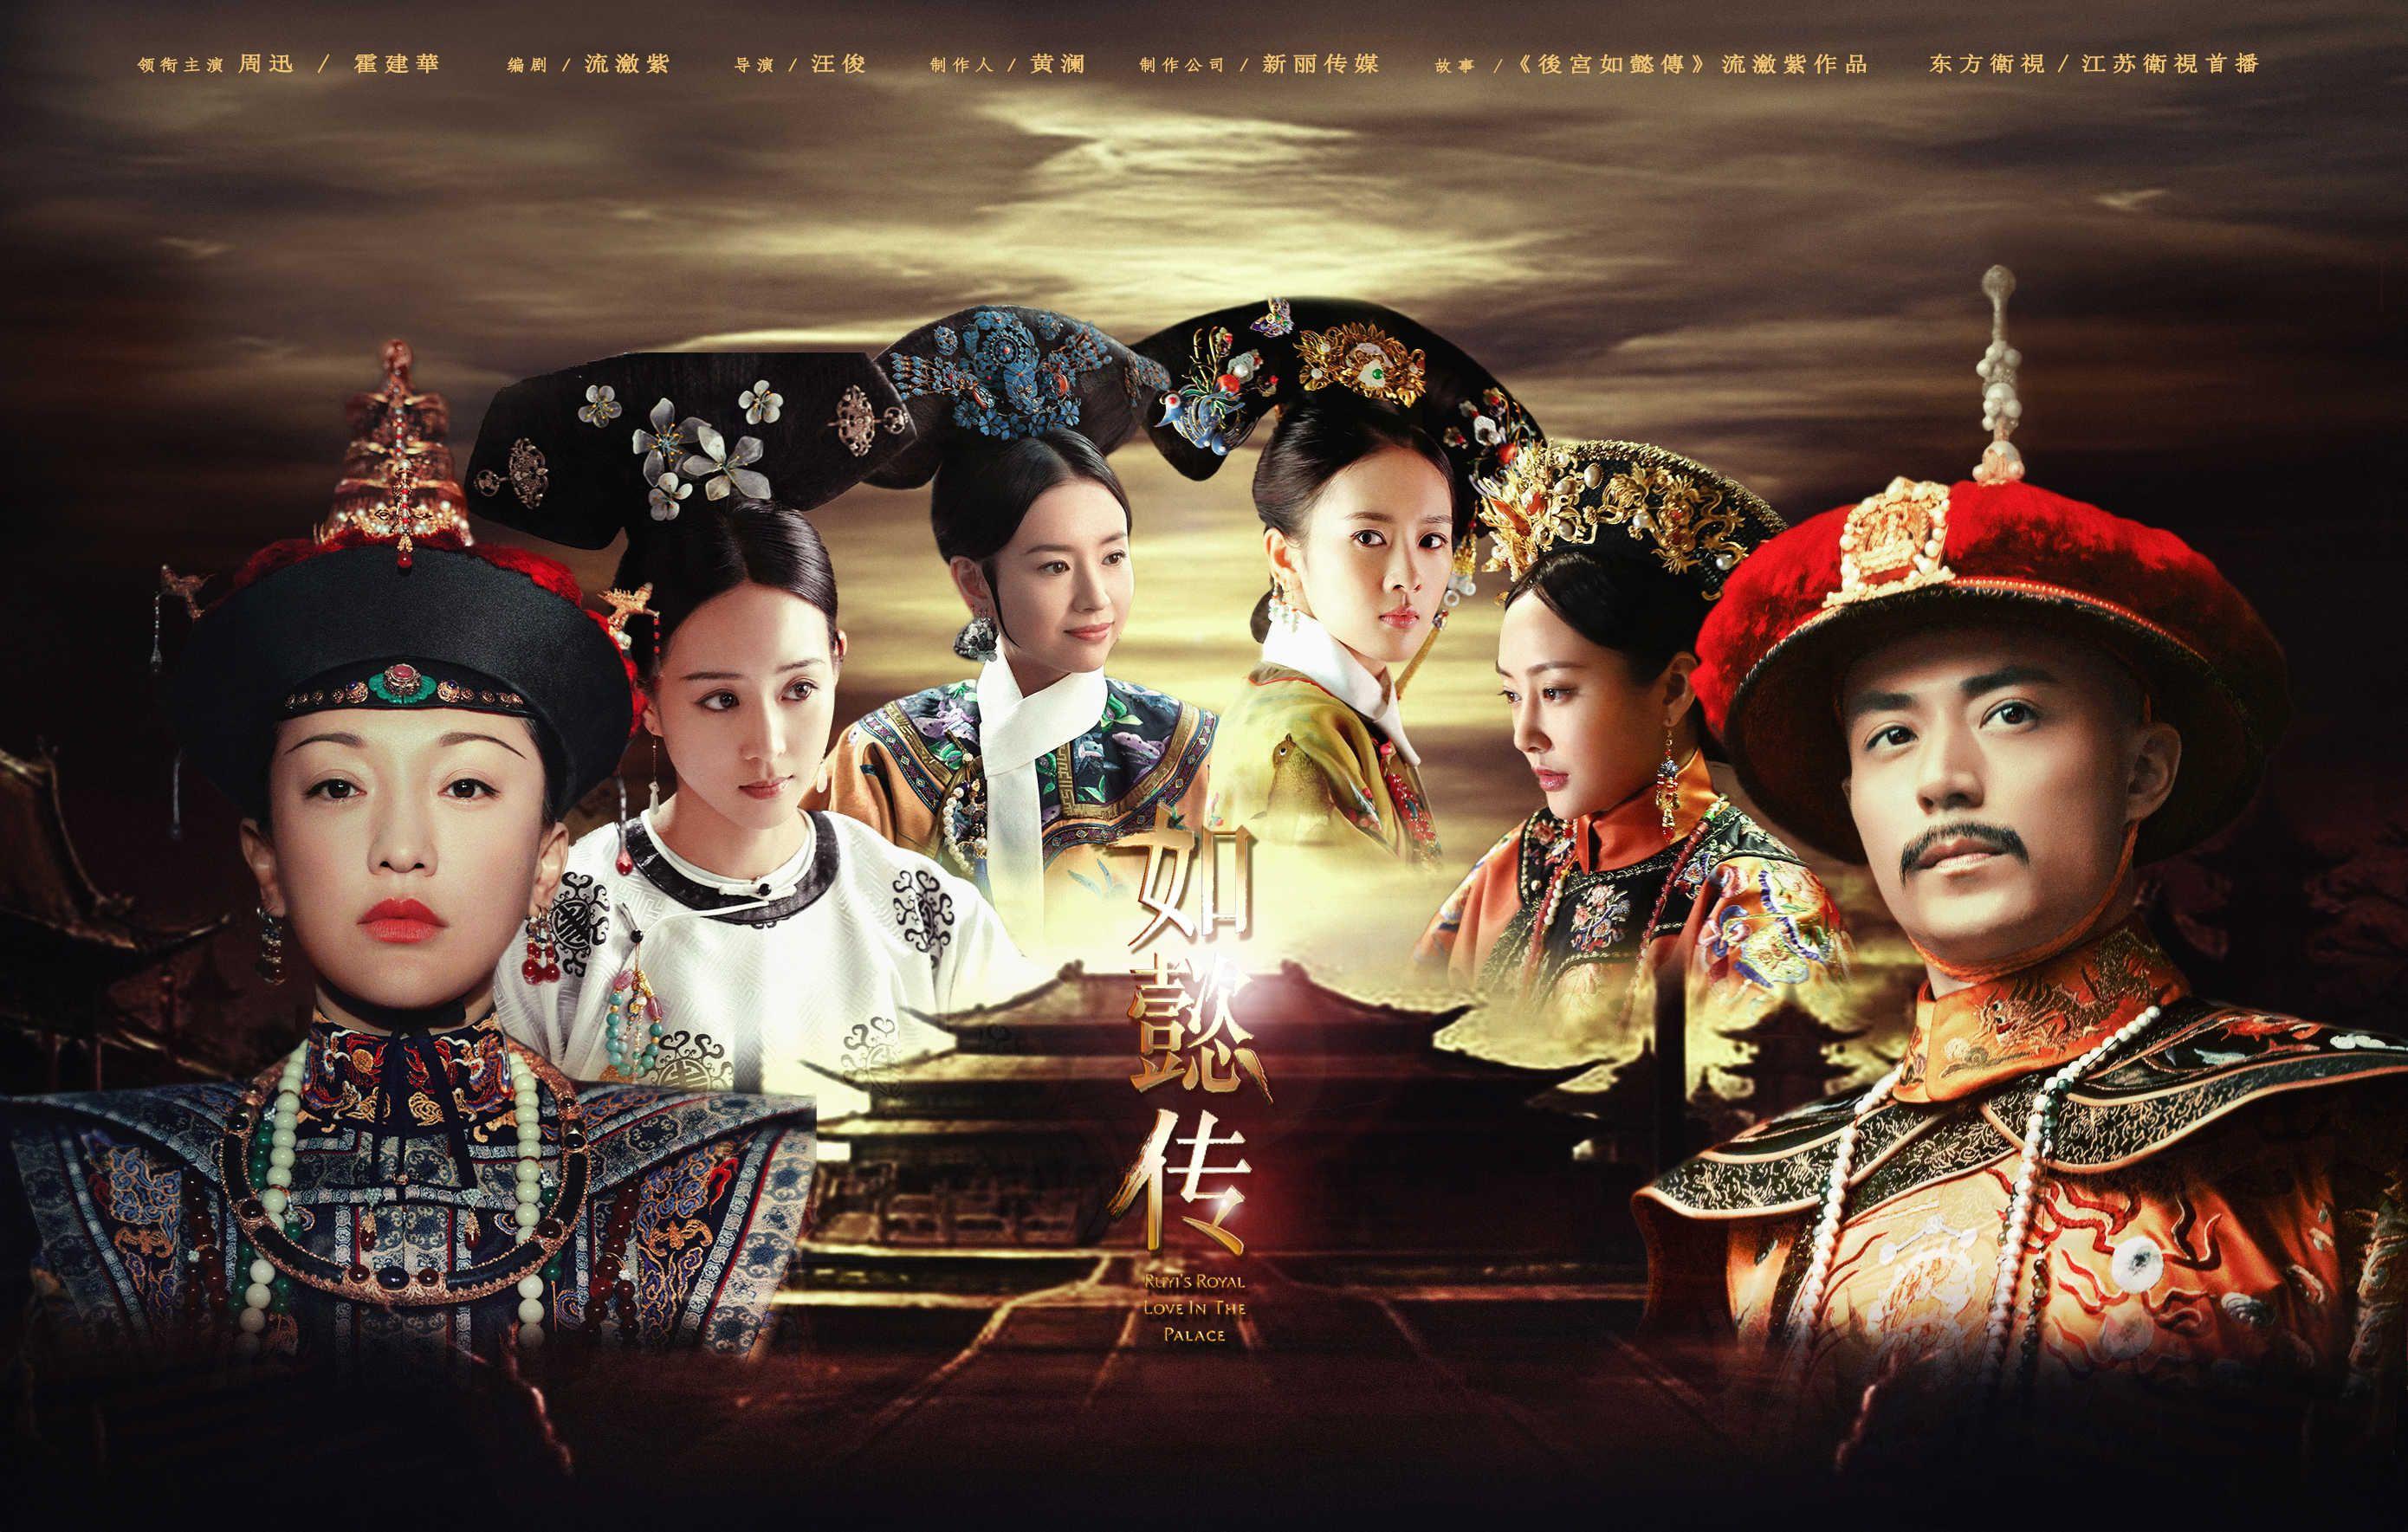 如懿傳 中國大陸 / China 電視劇/Drama (2018). 成為女皇的道路是背叛。 如意(周迅)是一個快速學會駕馭皇家宮廷 ...